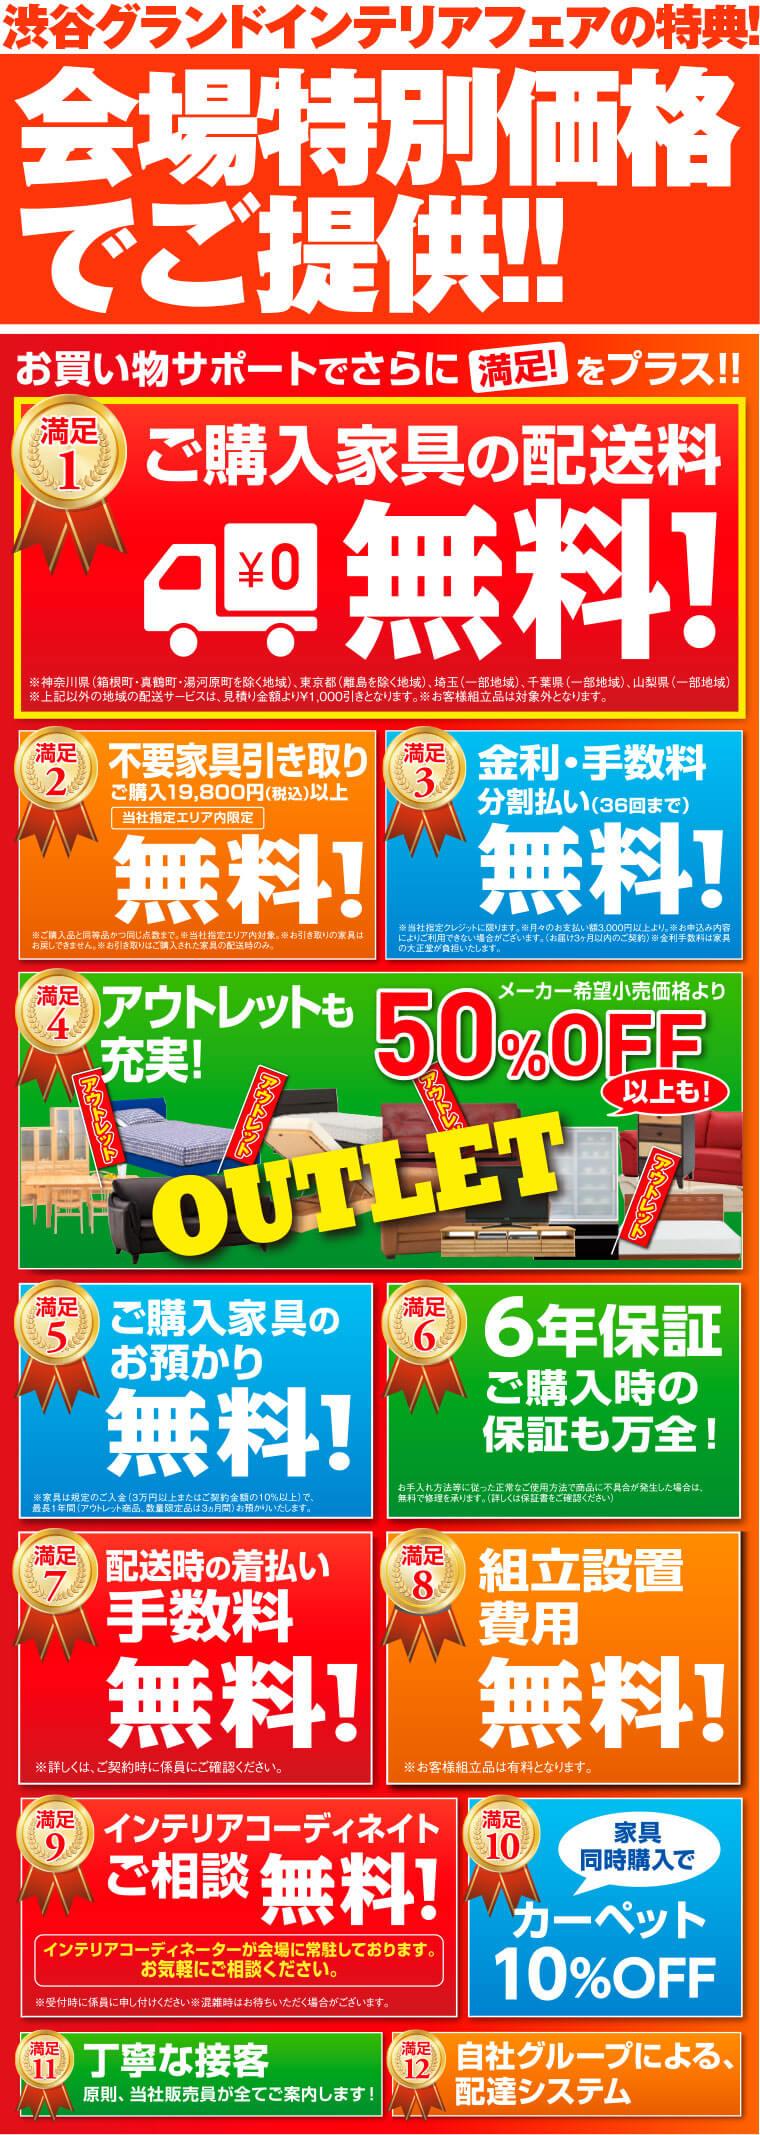 渋谷グランドインテリアフェアの特典!